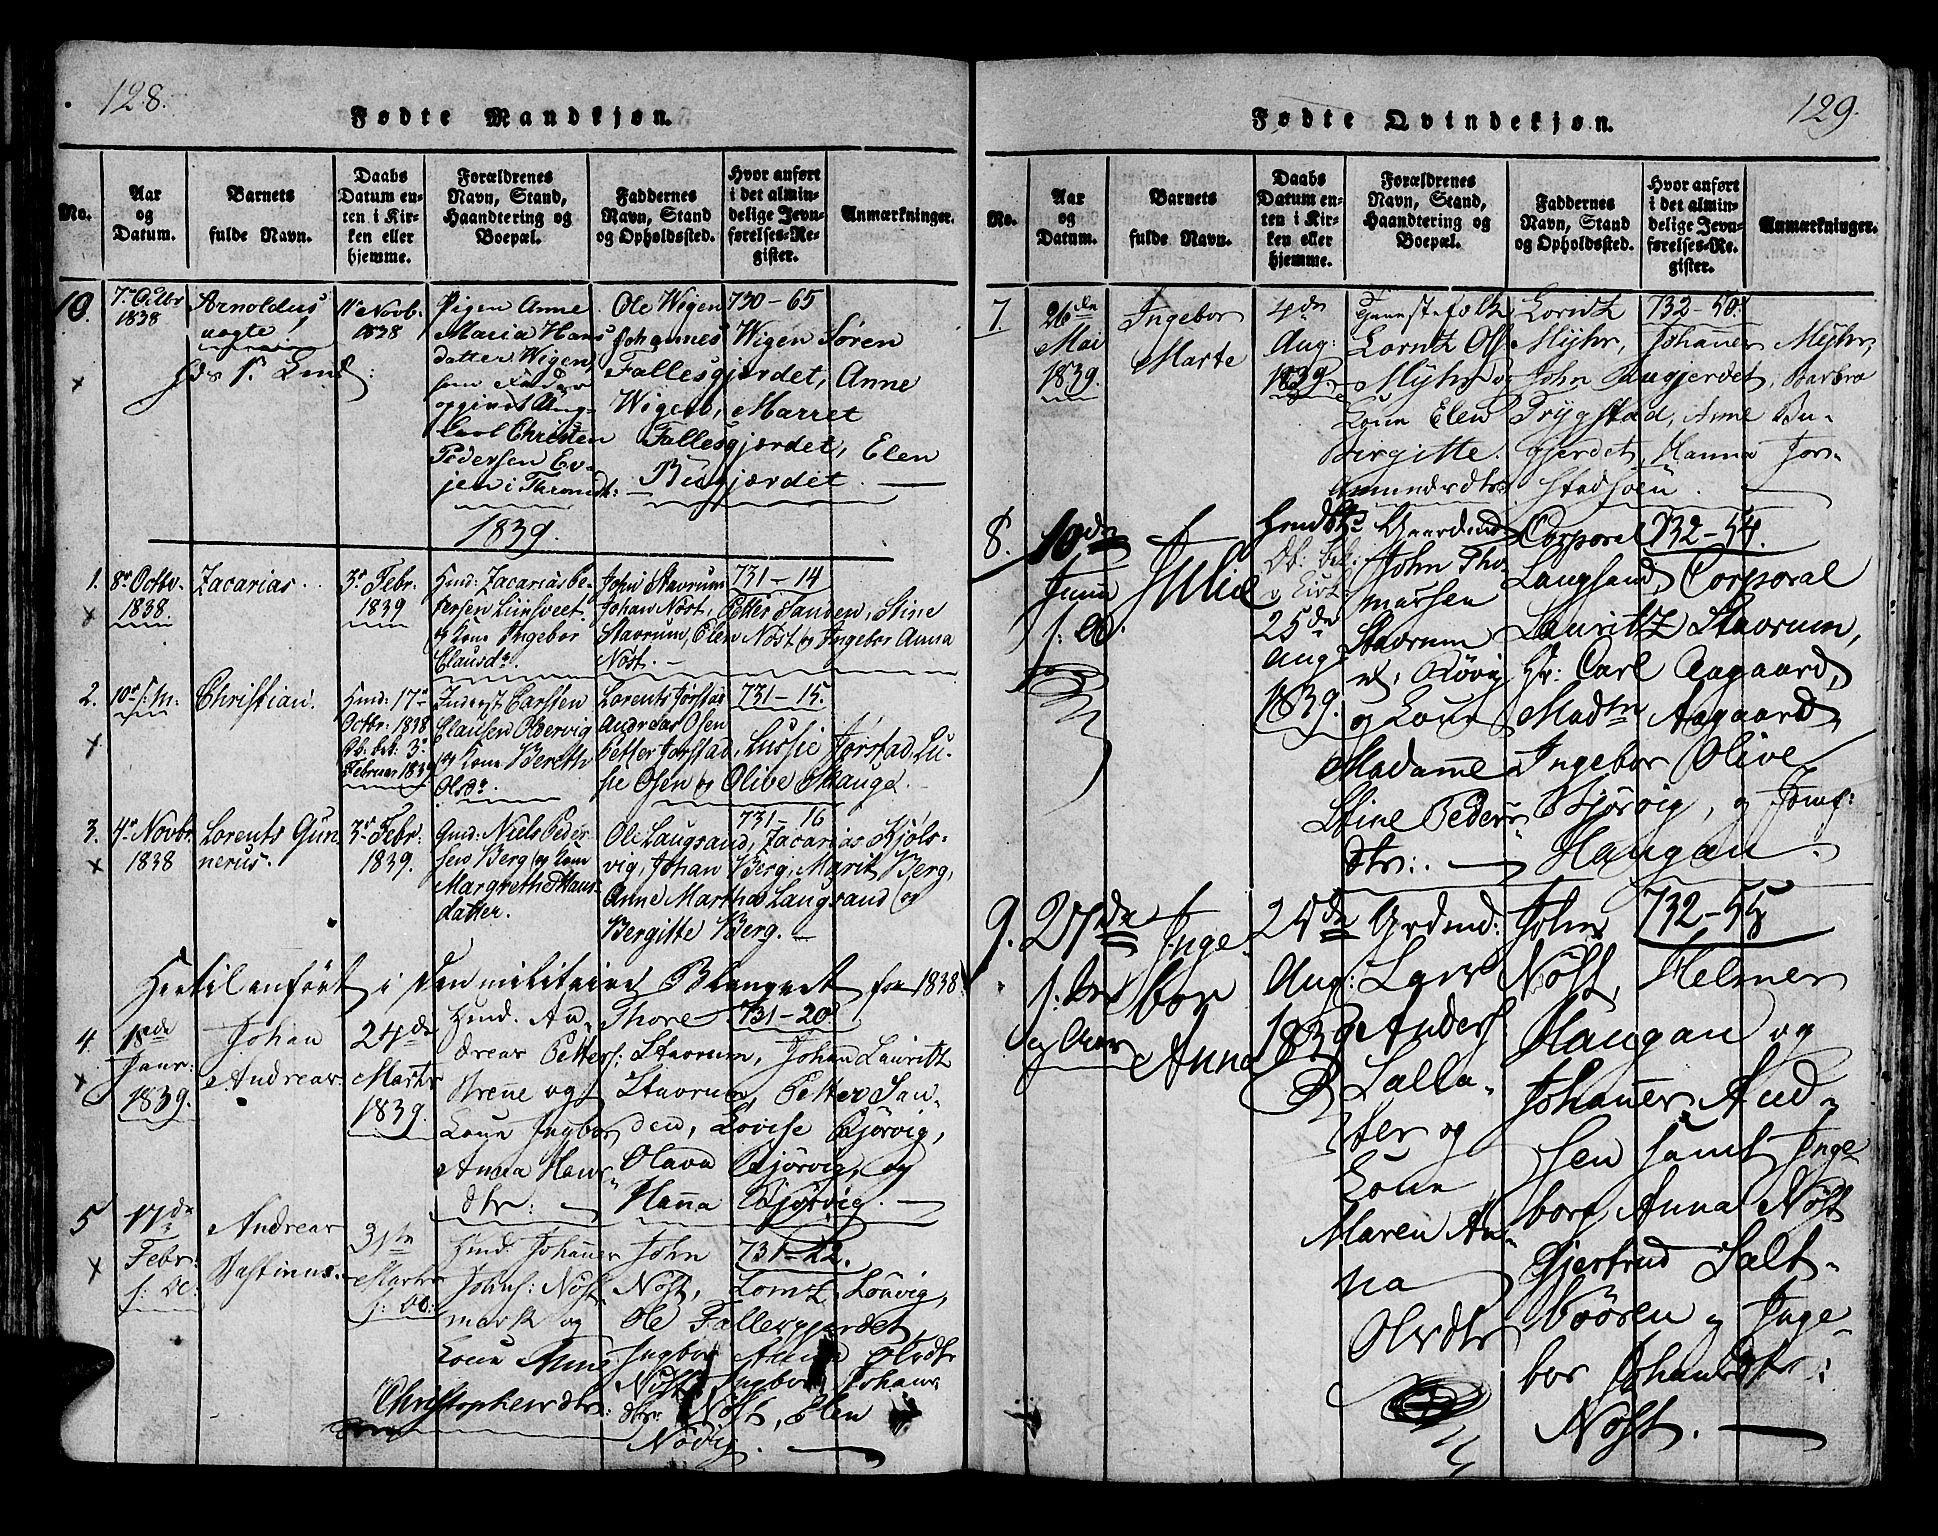 SAT, Ministerialprotokoller, klokkerbøker og fødselsregistre - Nord-Trøndelag, 722/L0217: Ministerialbok nr. 722A04, 1817-1842, s. 128-129